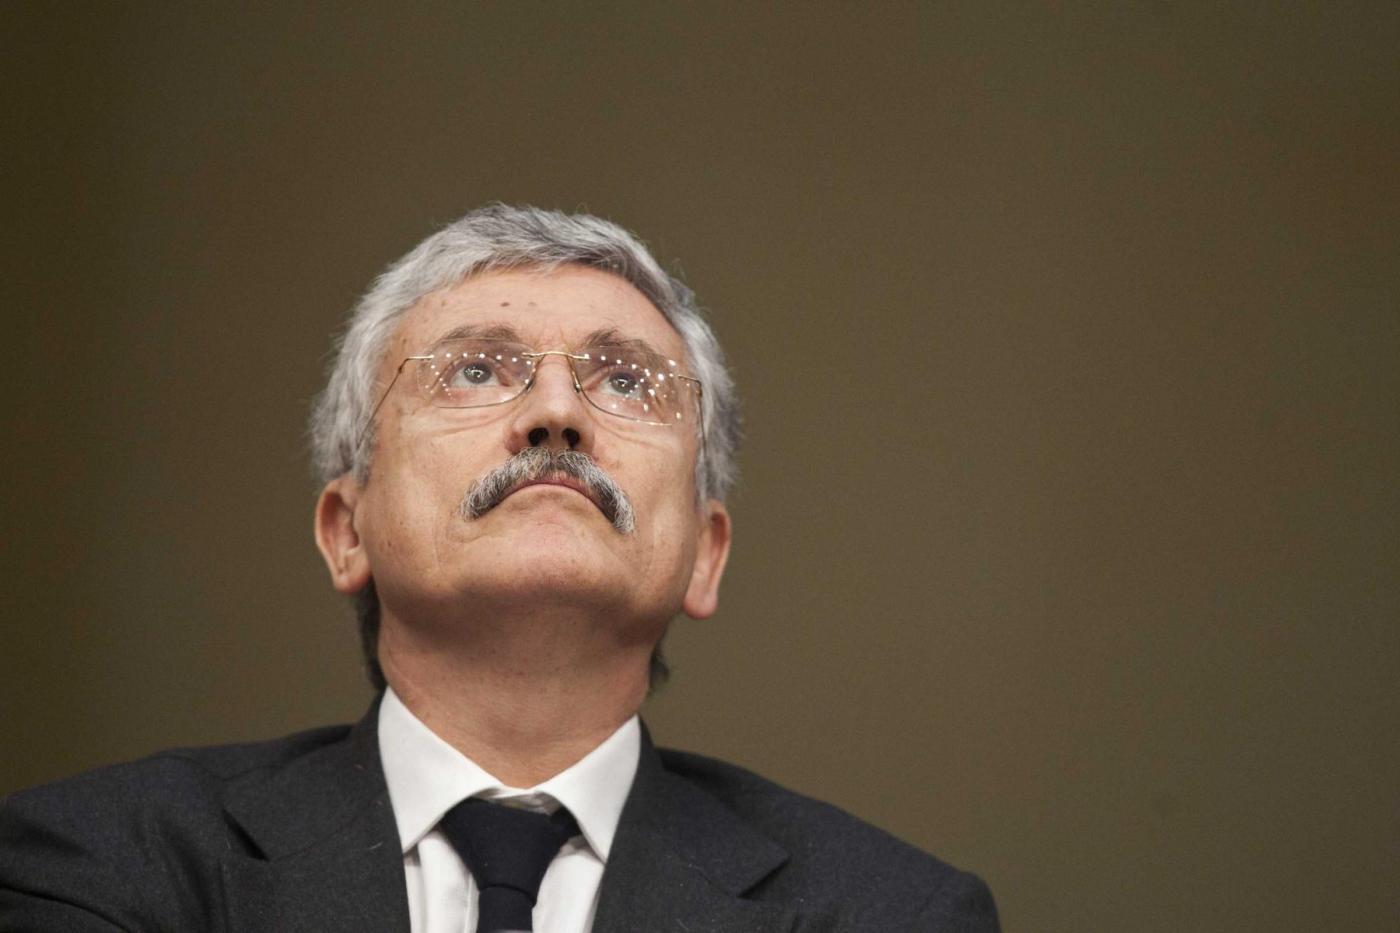 Ballottaggio Roma: Massimo D'Alema vota per Roberto Giachetti